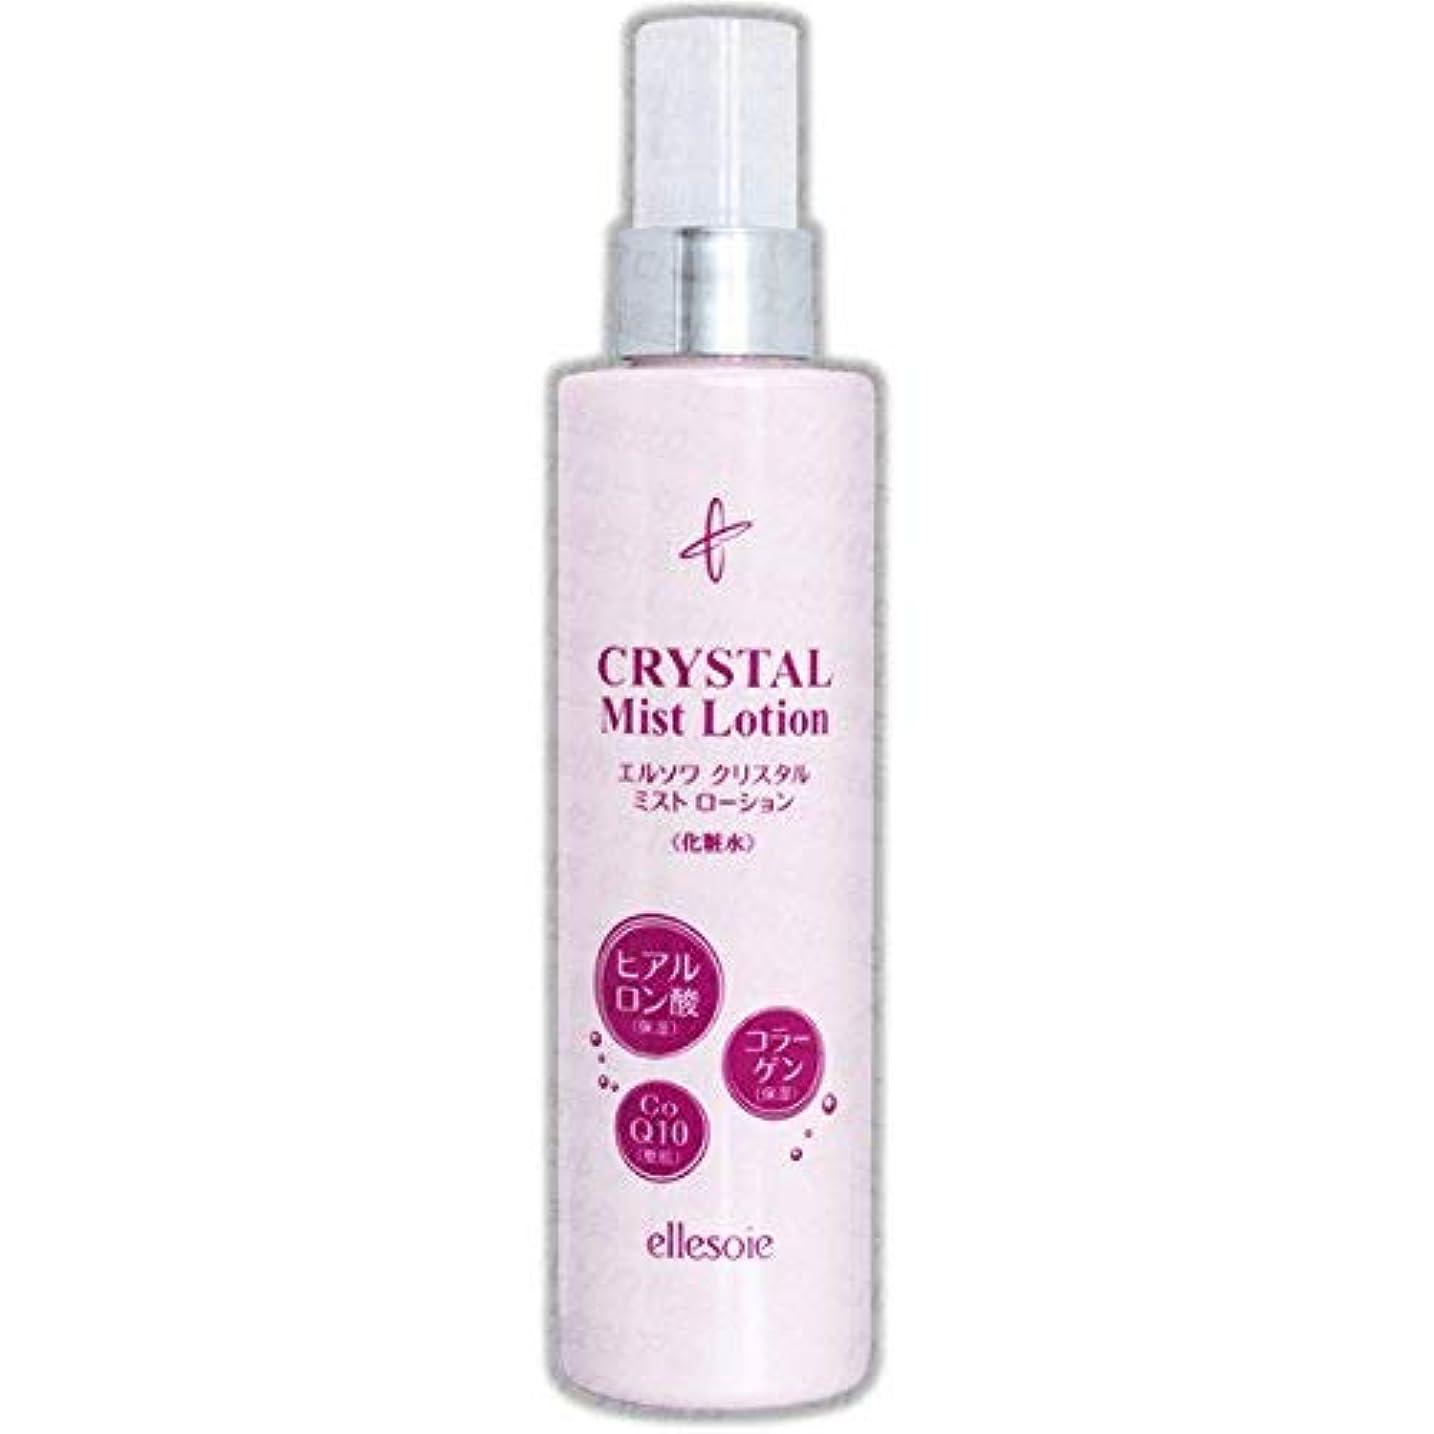 学んだ審判バットエルソワ化粧品(ellesoie) クリスタル ミストローション 化粧水 (ミストローション)